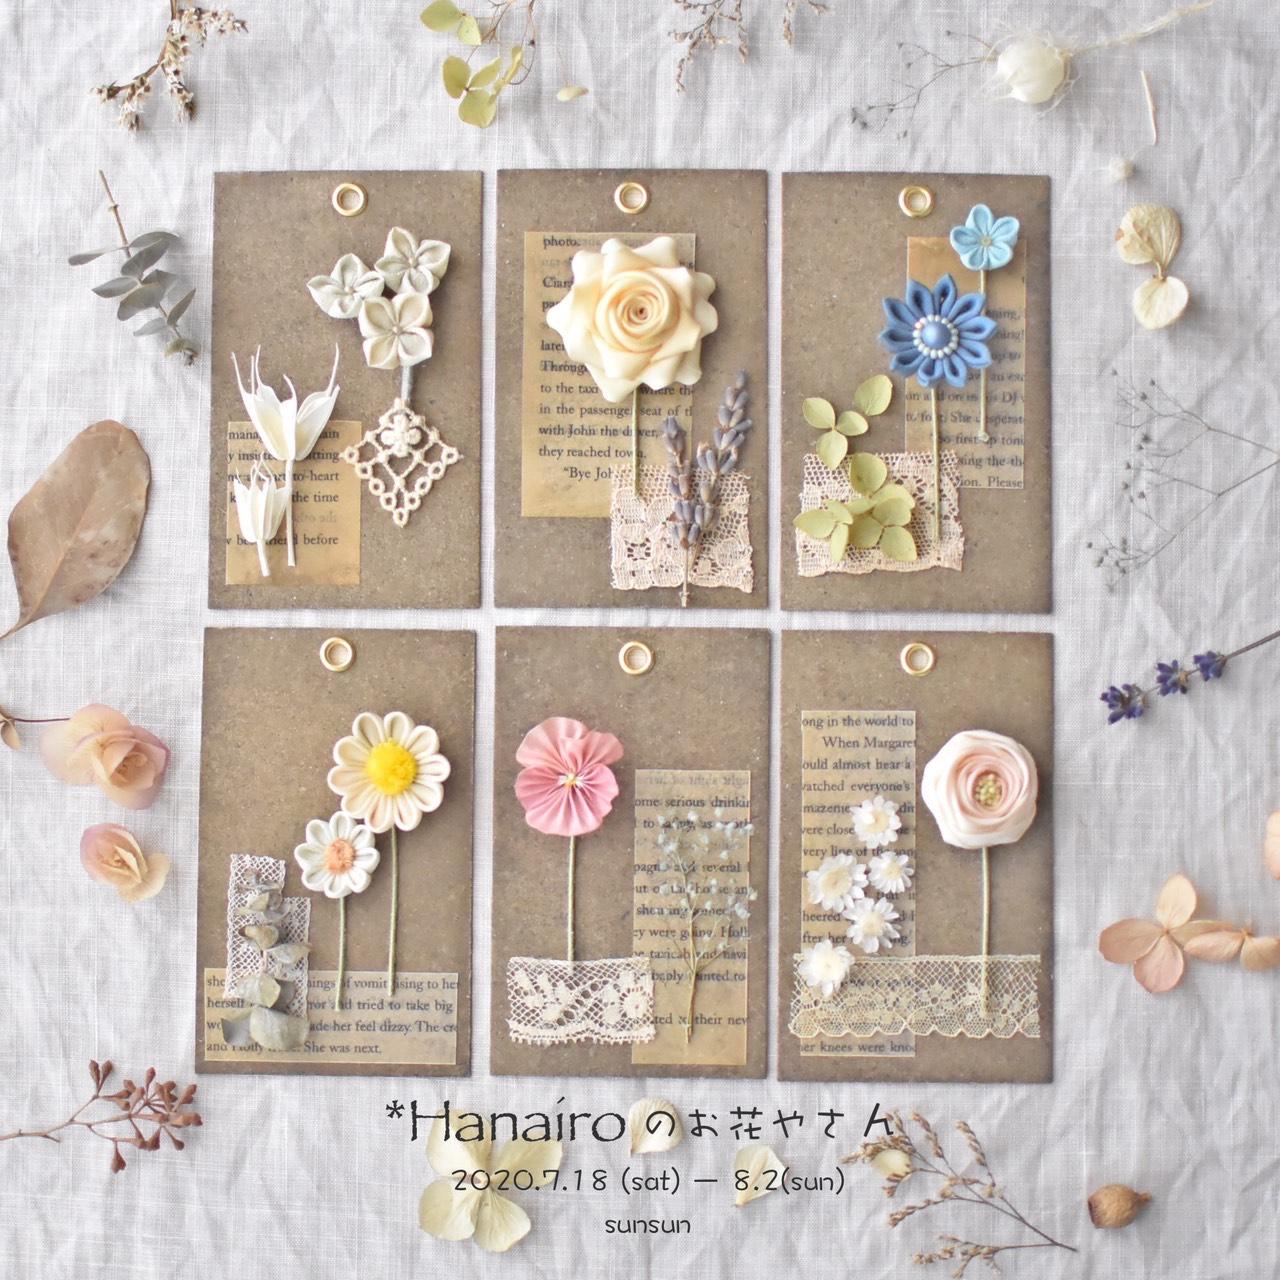 Hanairo 個展「お花やさん」DM